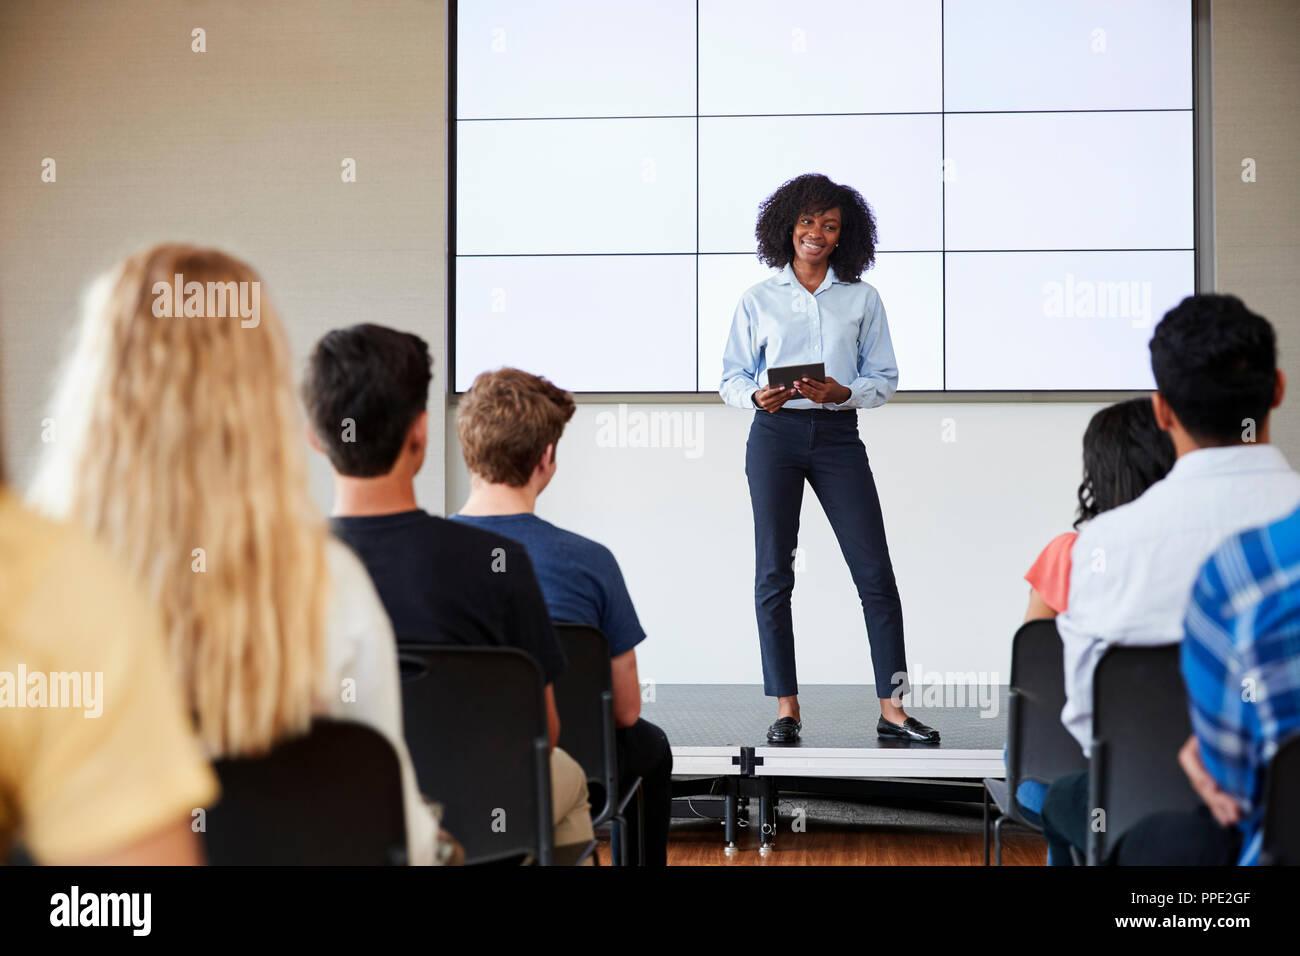 Profesora con tableta digital dando Presentación a clase en la escuela en la parte delantera de la pantalla Foto de stock